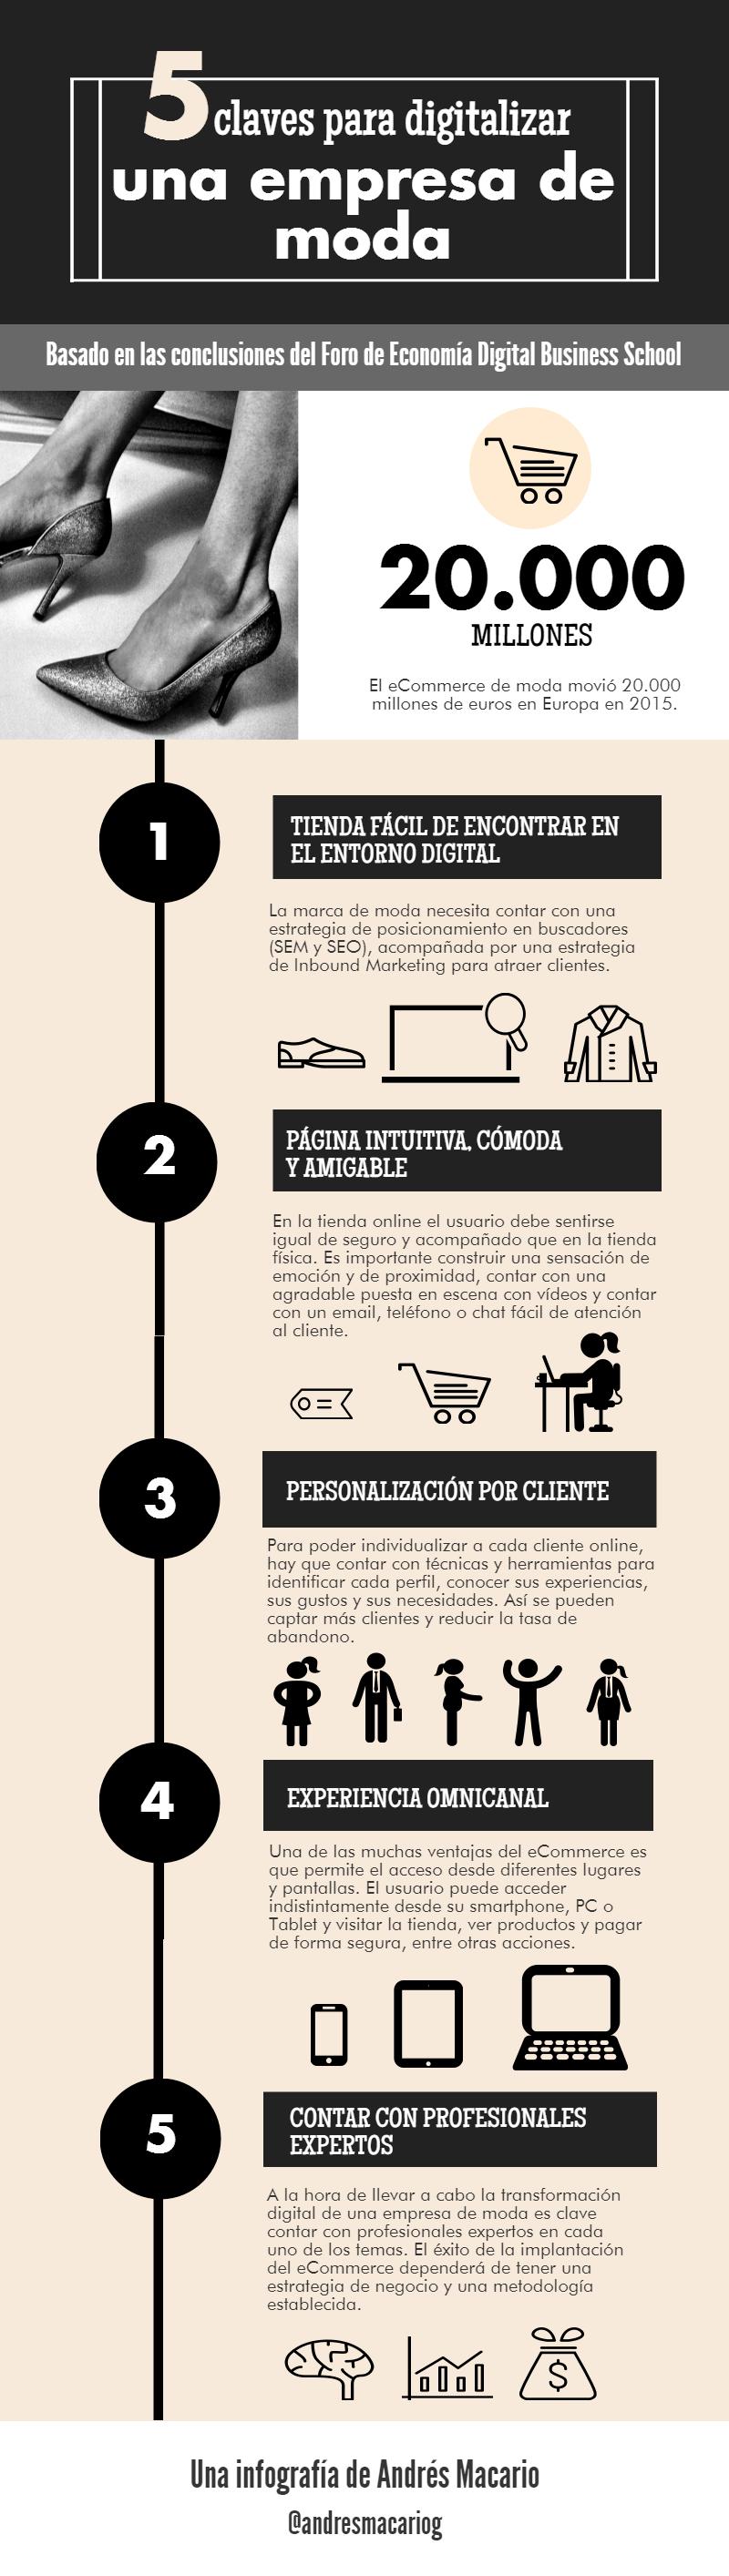 5-claves-para-digitalizar-una-empresa-moda-Infografia